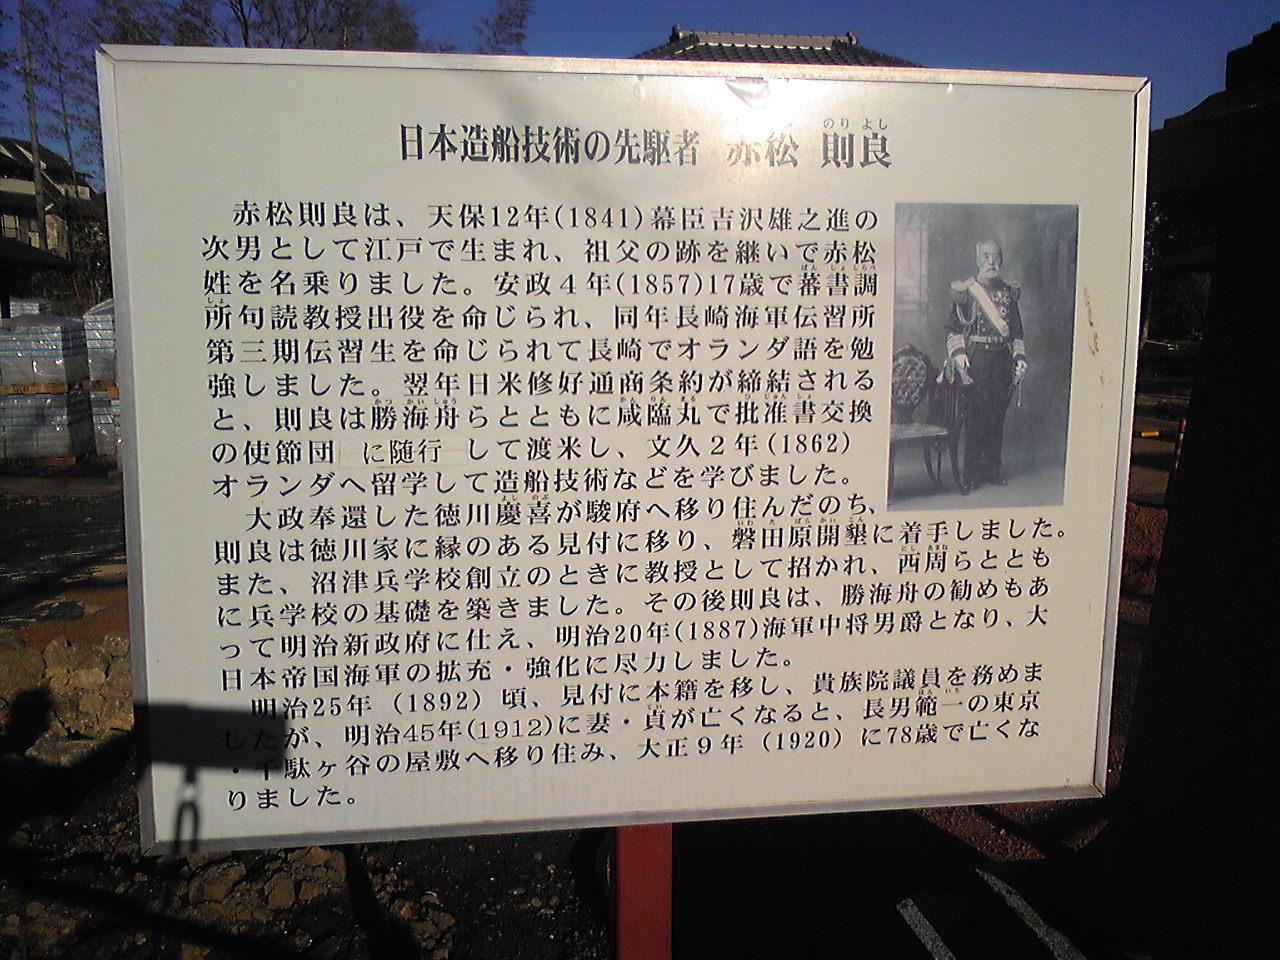 三日月の館 旧赤松家(静岡県磐田市)